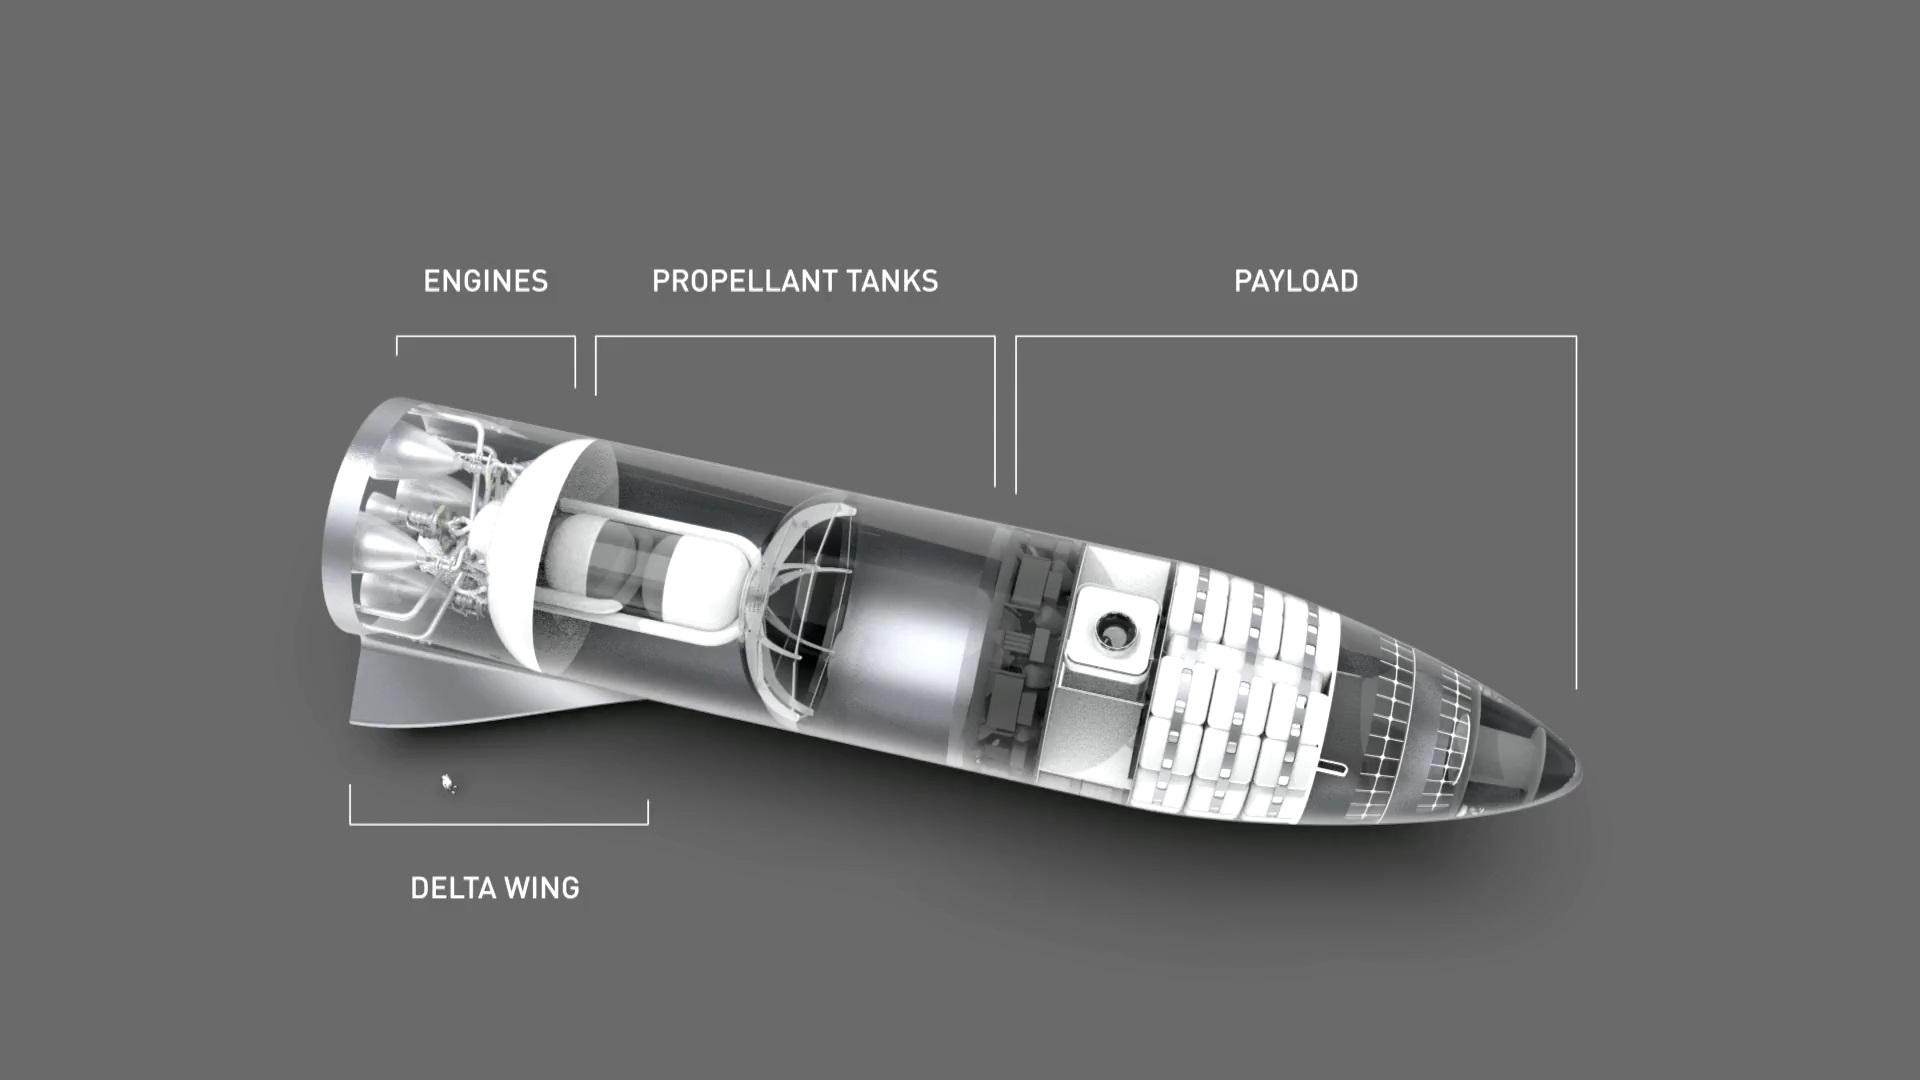 Wewnętrzna konstrukcja statku, najważniejsze elementy zostały wyszczególnione.